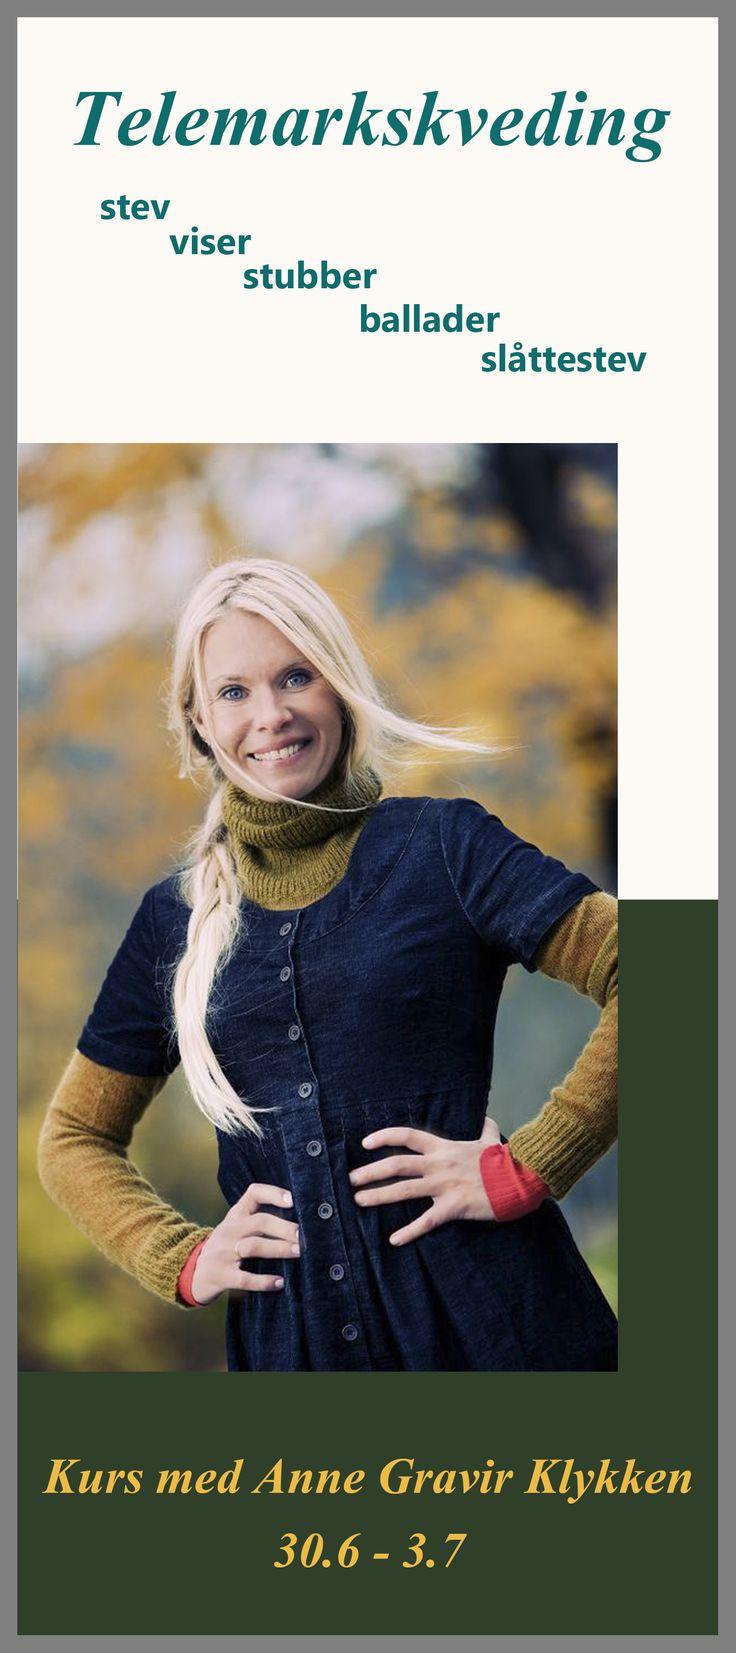 Bli med å synge med Anne. Ho tar med seg et bredt utvalg av Telemarks tradisjonelle songar frå korte stev og stubbar til lange middelalders ballader. Kveding er noe alle borde få prøvd seg på!